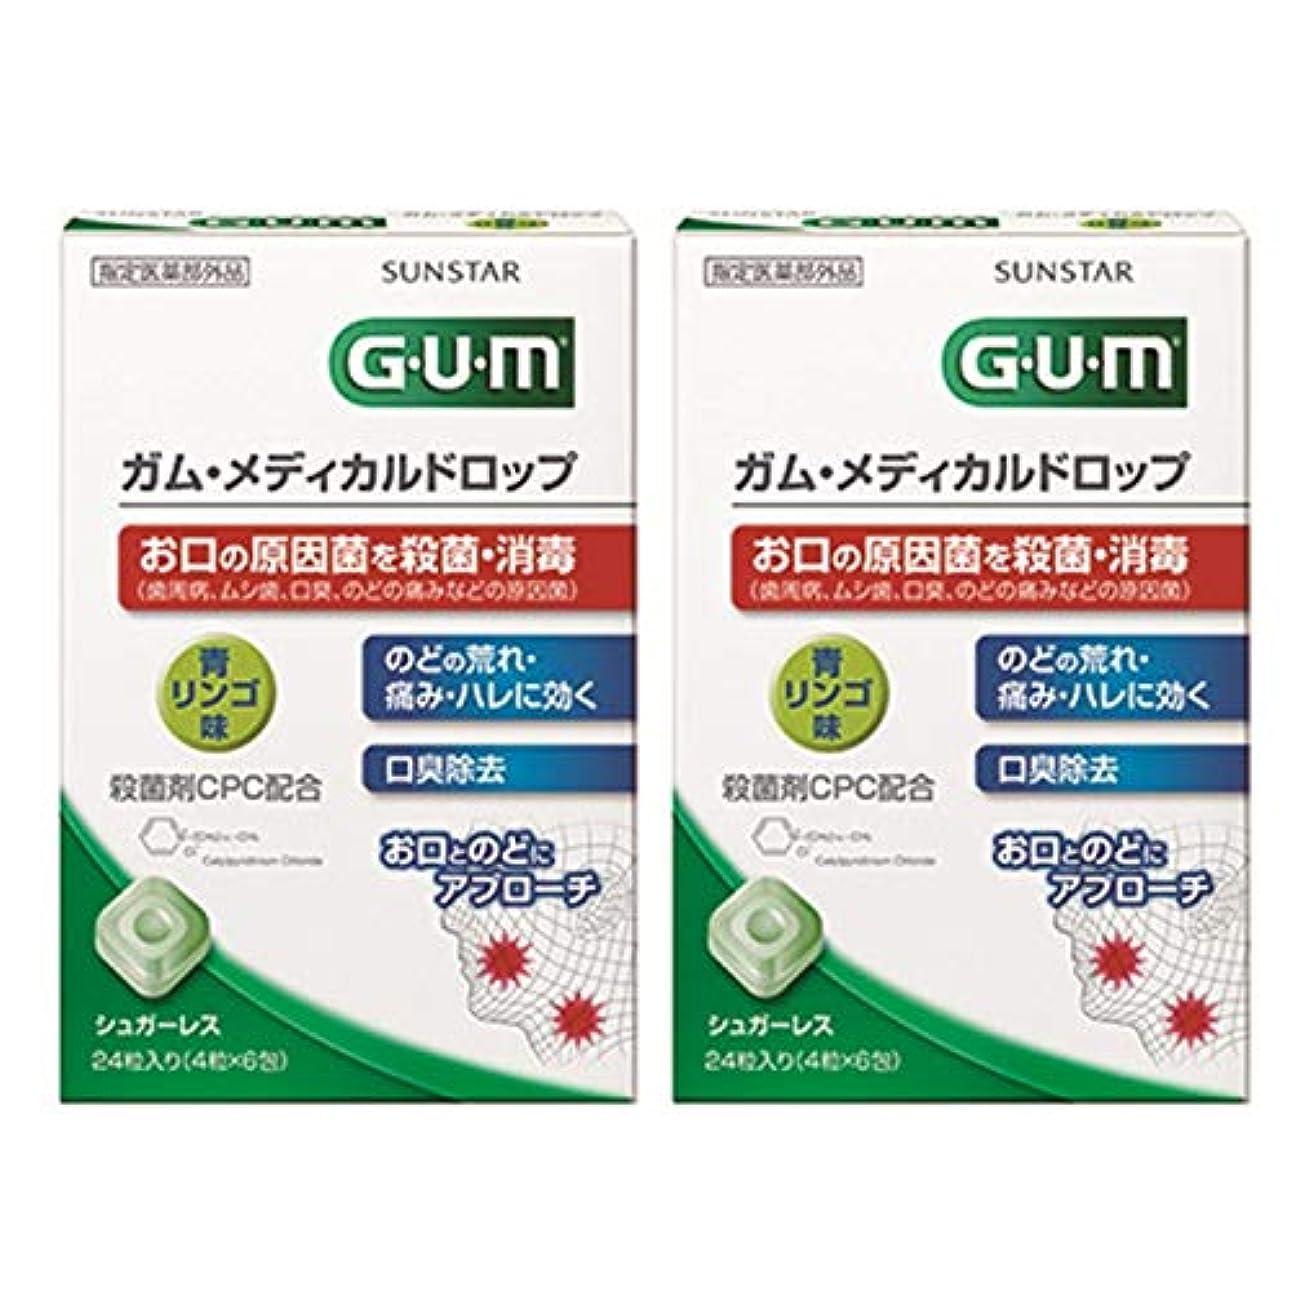 [指定医薬部外品] GUM(ガム) メディカルドロップ 青リンゴ味 2個パック <口臭除去?のどの荒れ、痛み、ハレ対策>